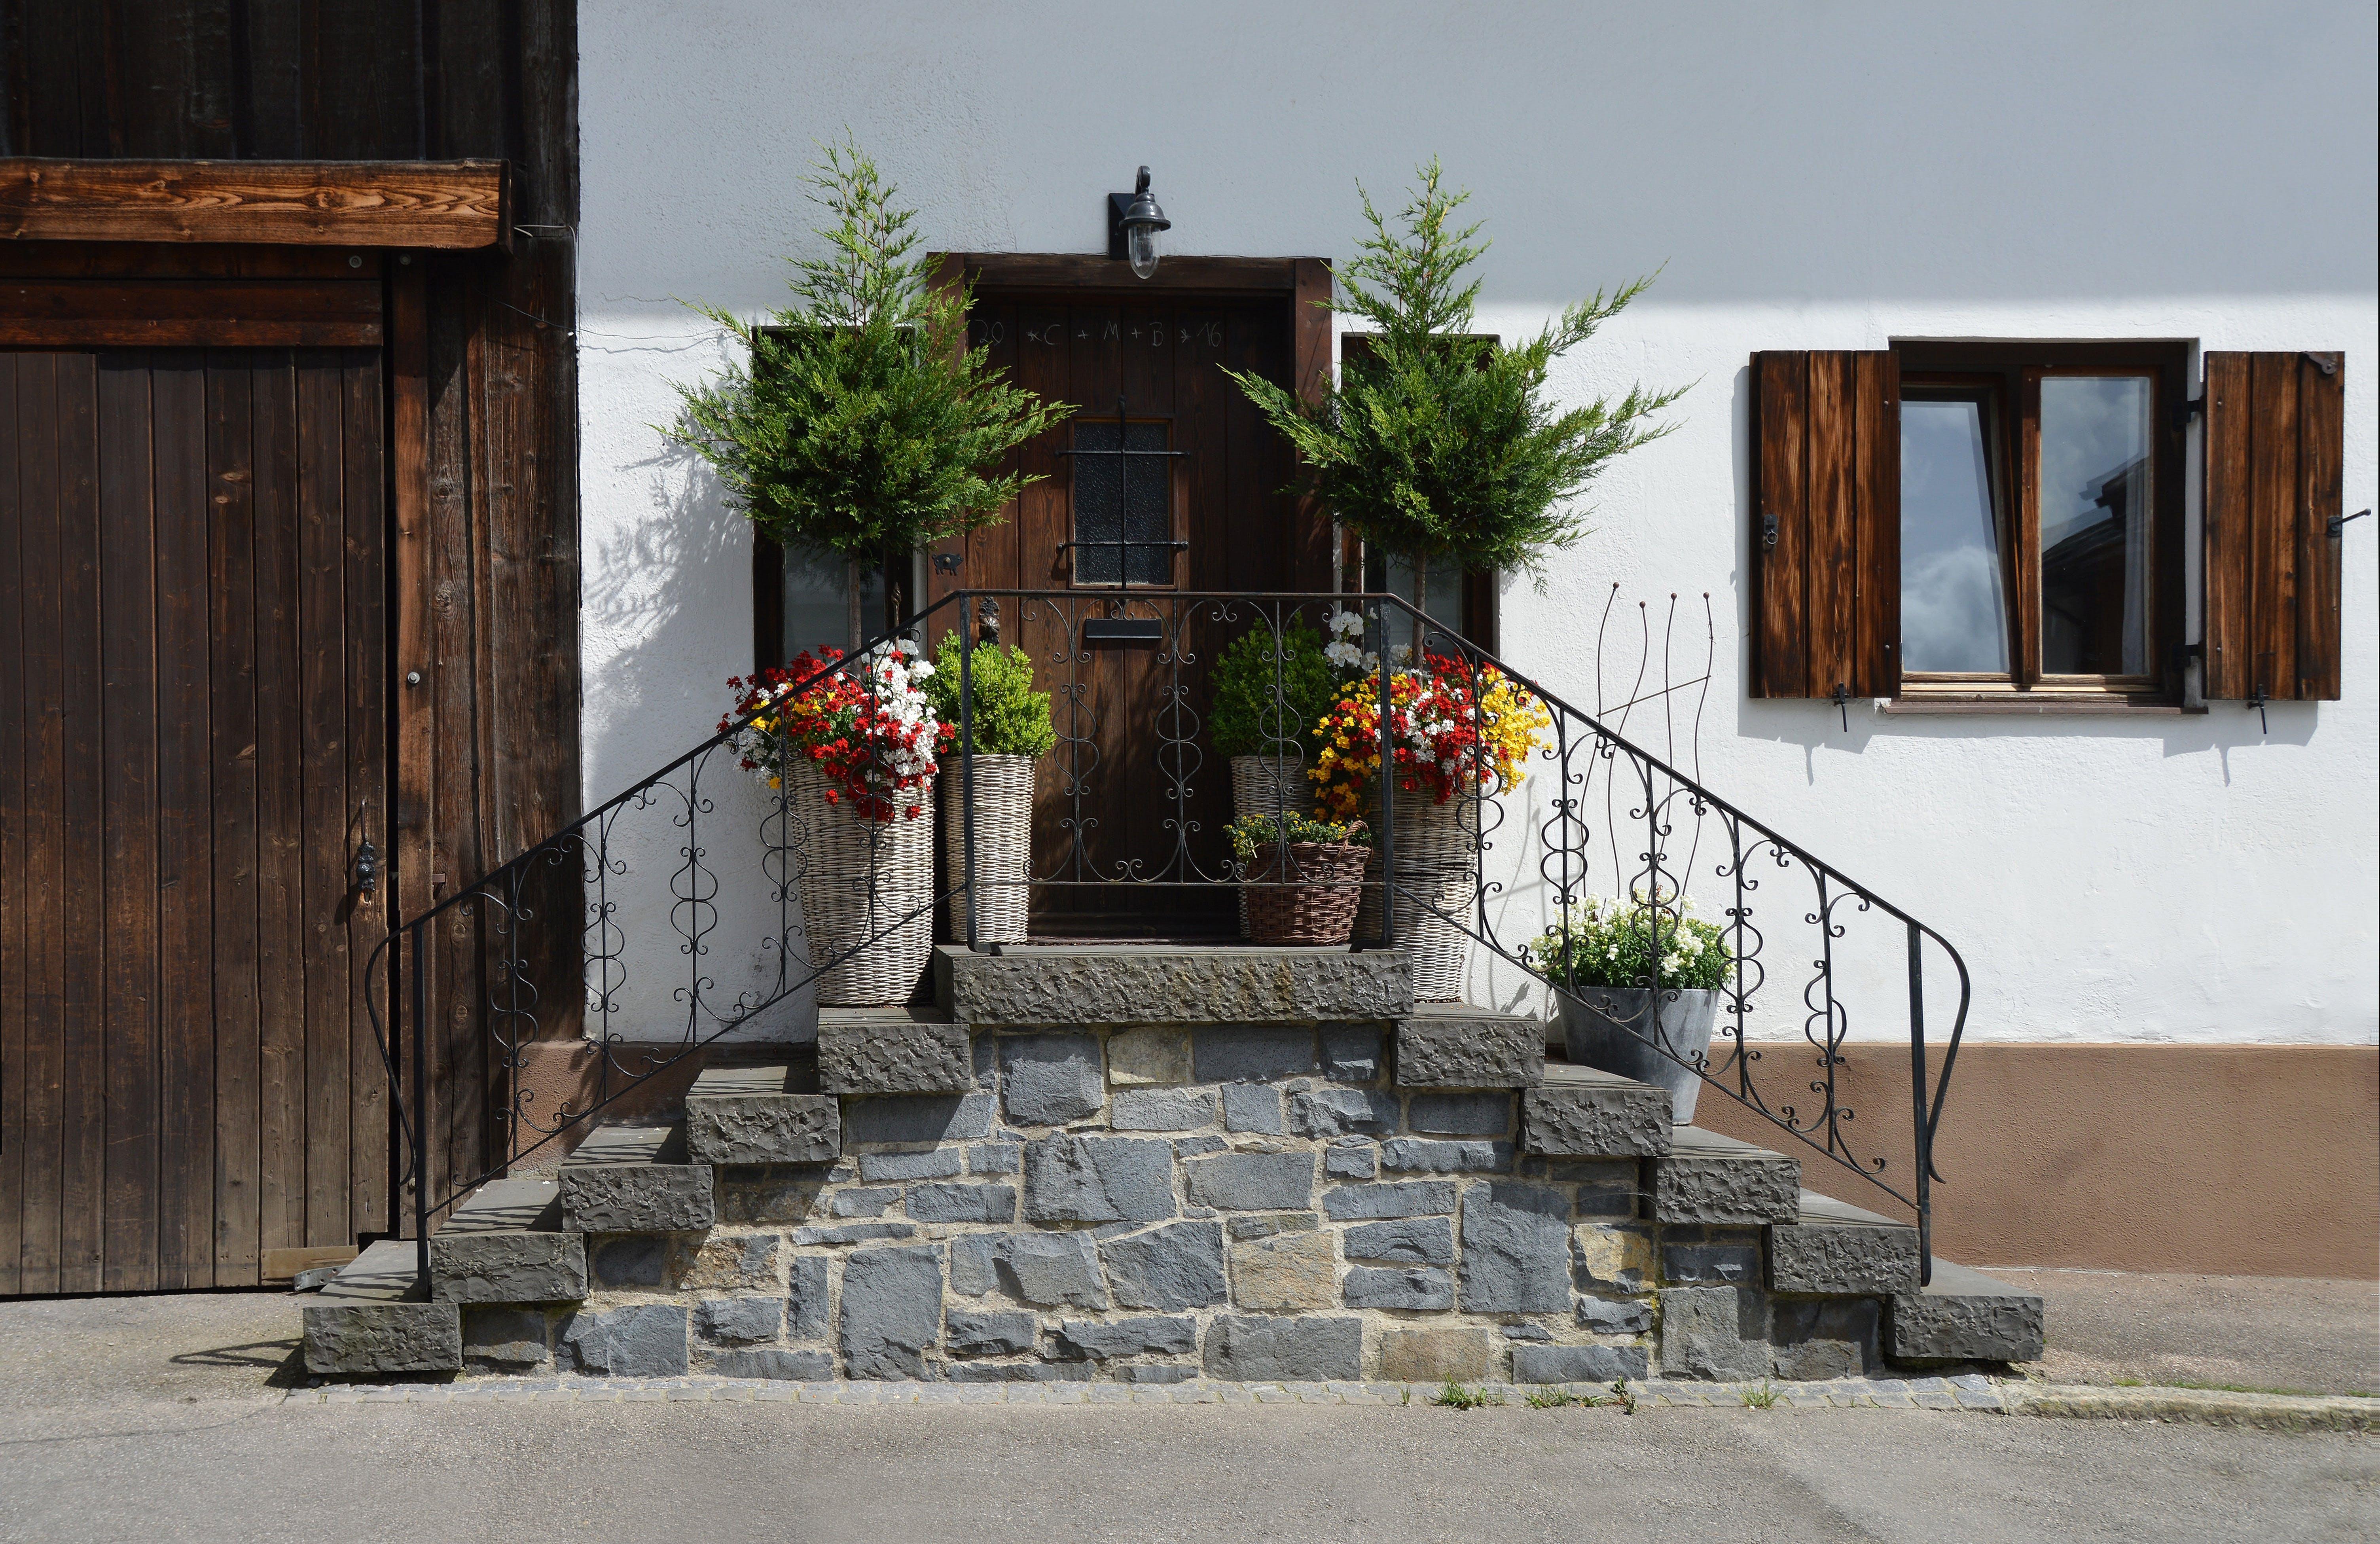 Brown Wooden Door in Front of Bricked Stairs